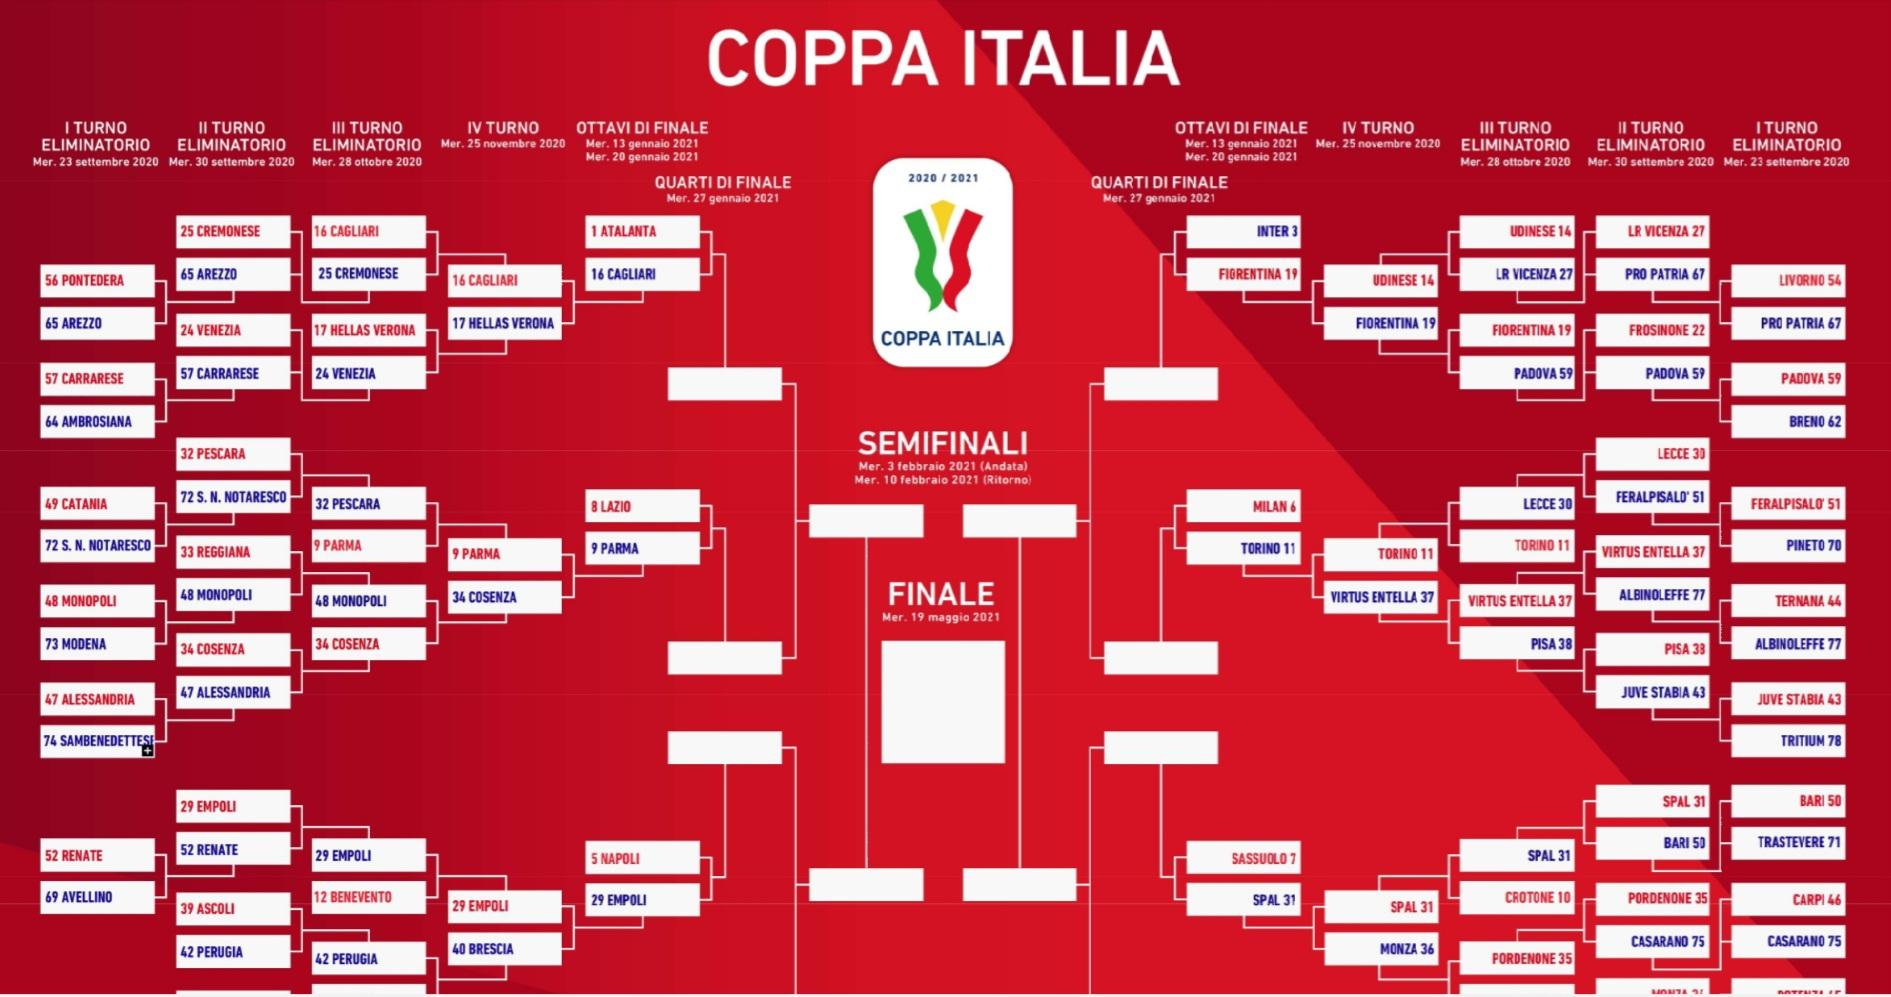 COPPA ITALIA 2020-21: RISULTATI E COMMENTI DEGLI OTTAVI DI FINALE